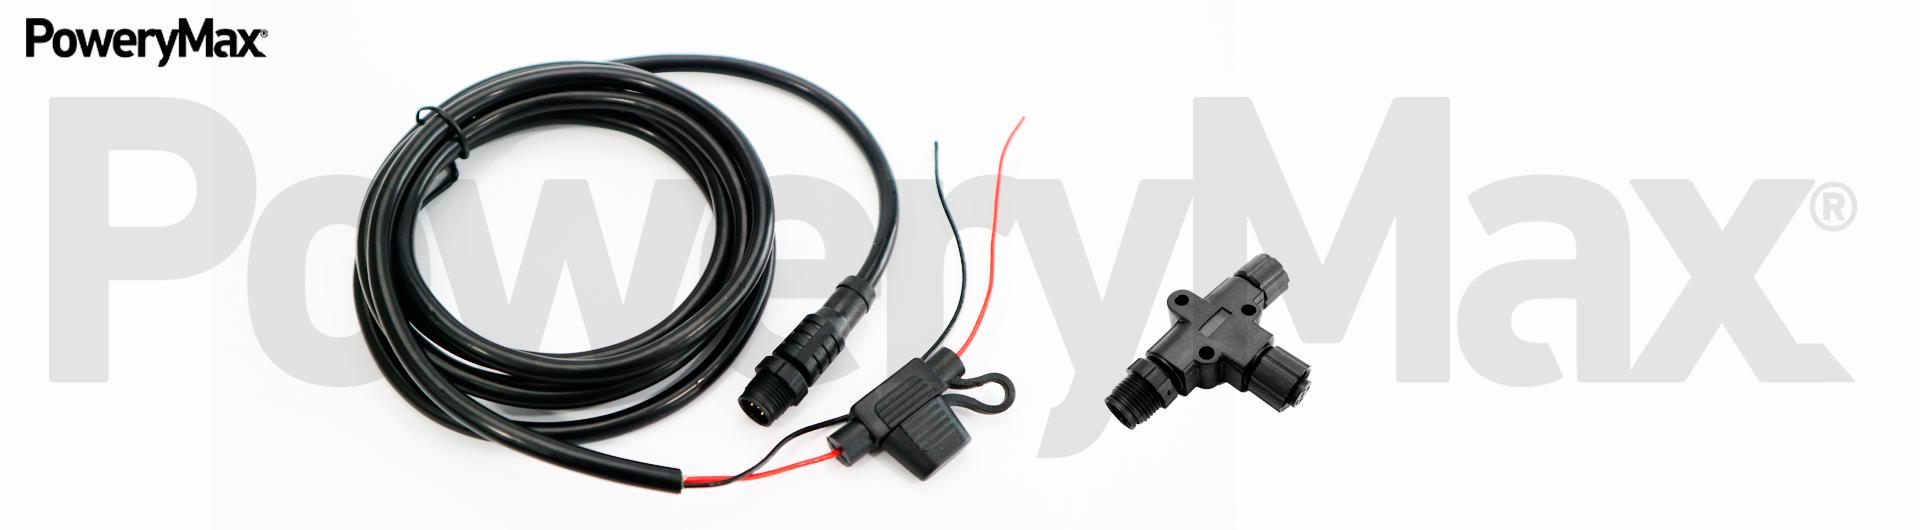 Cable de alimentación PoweryMax